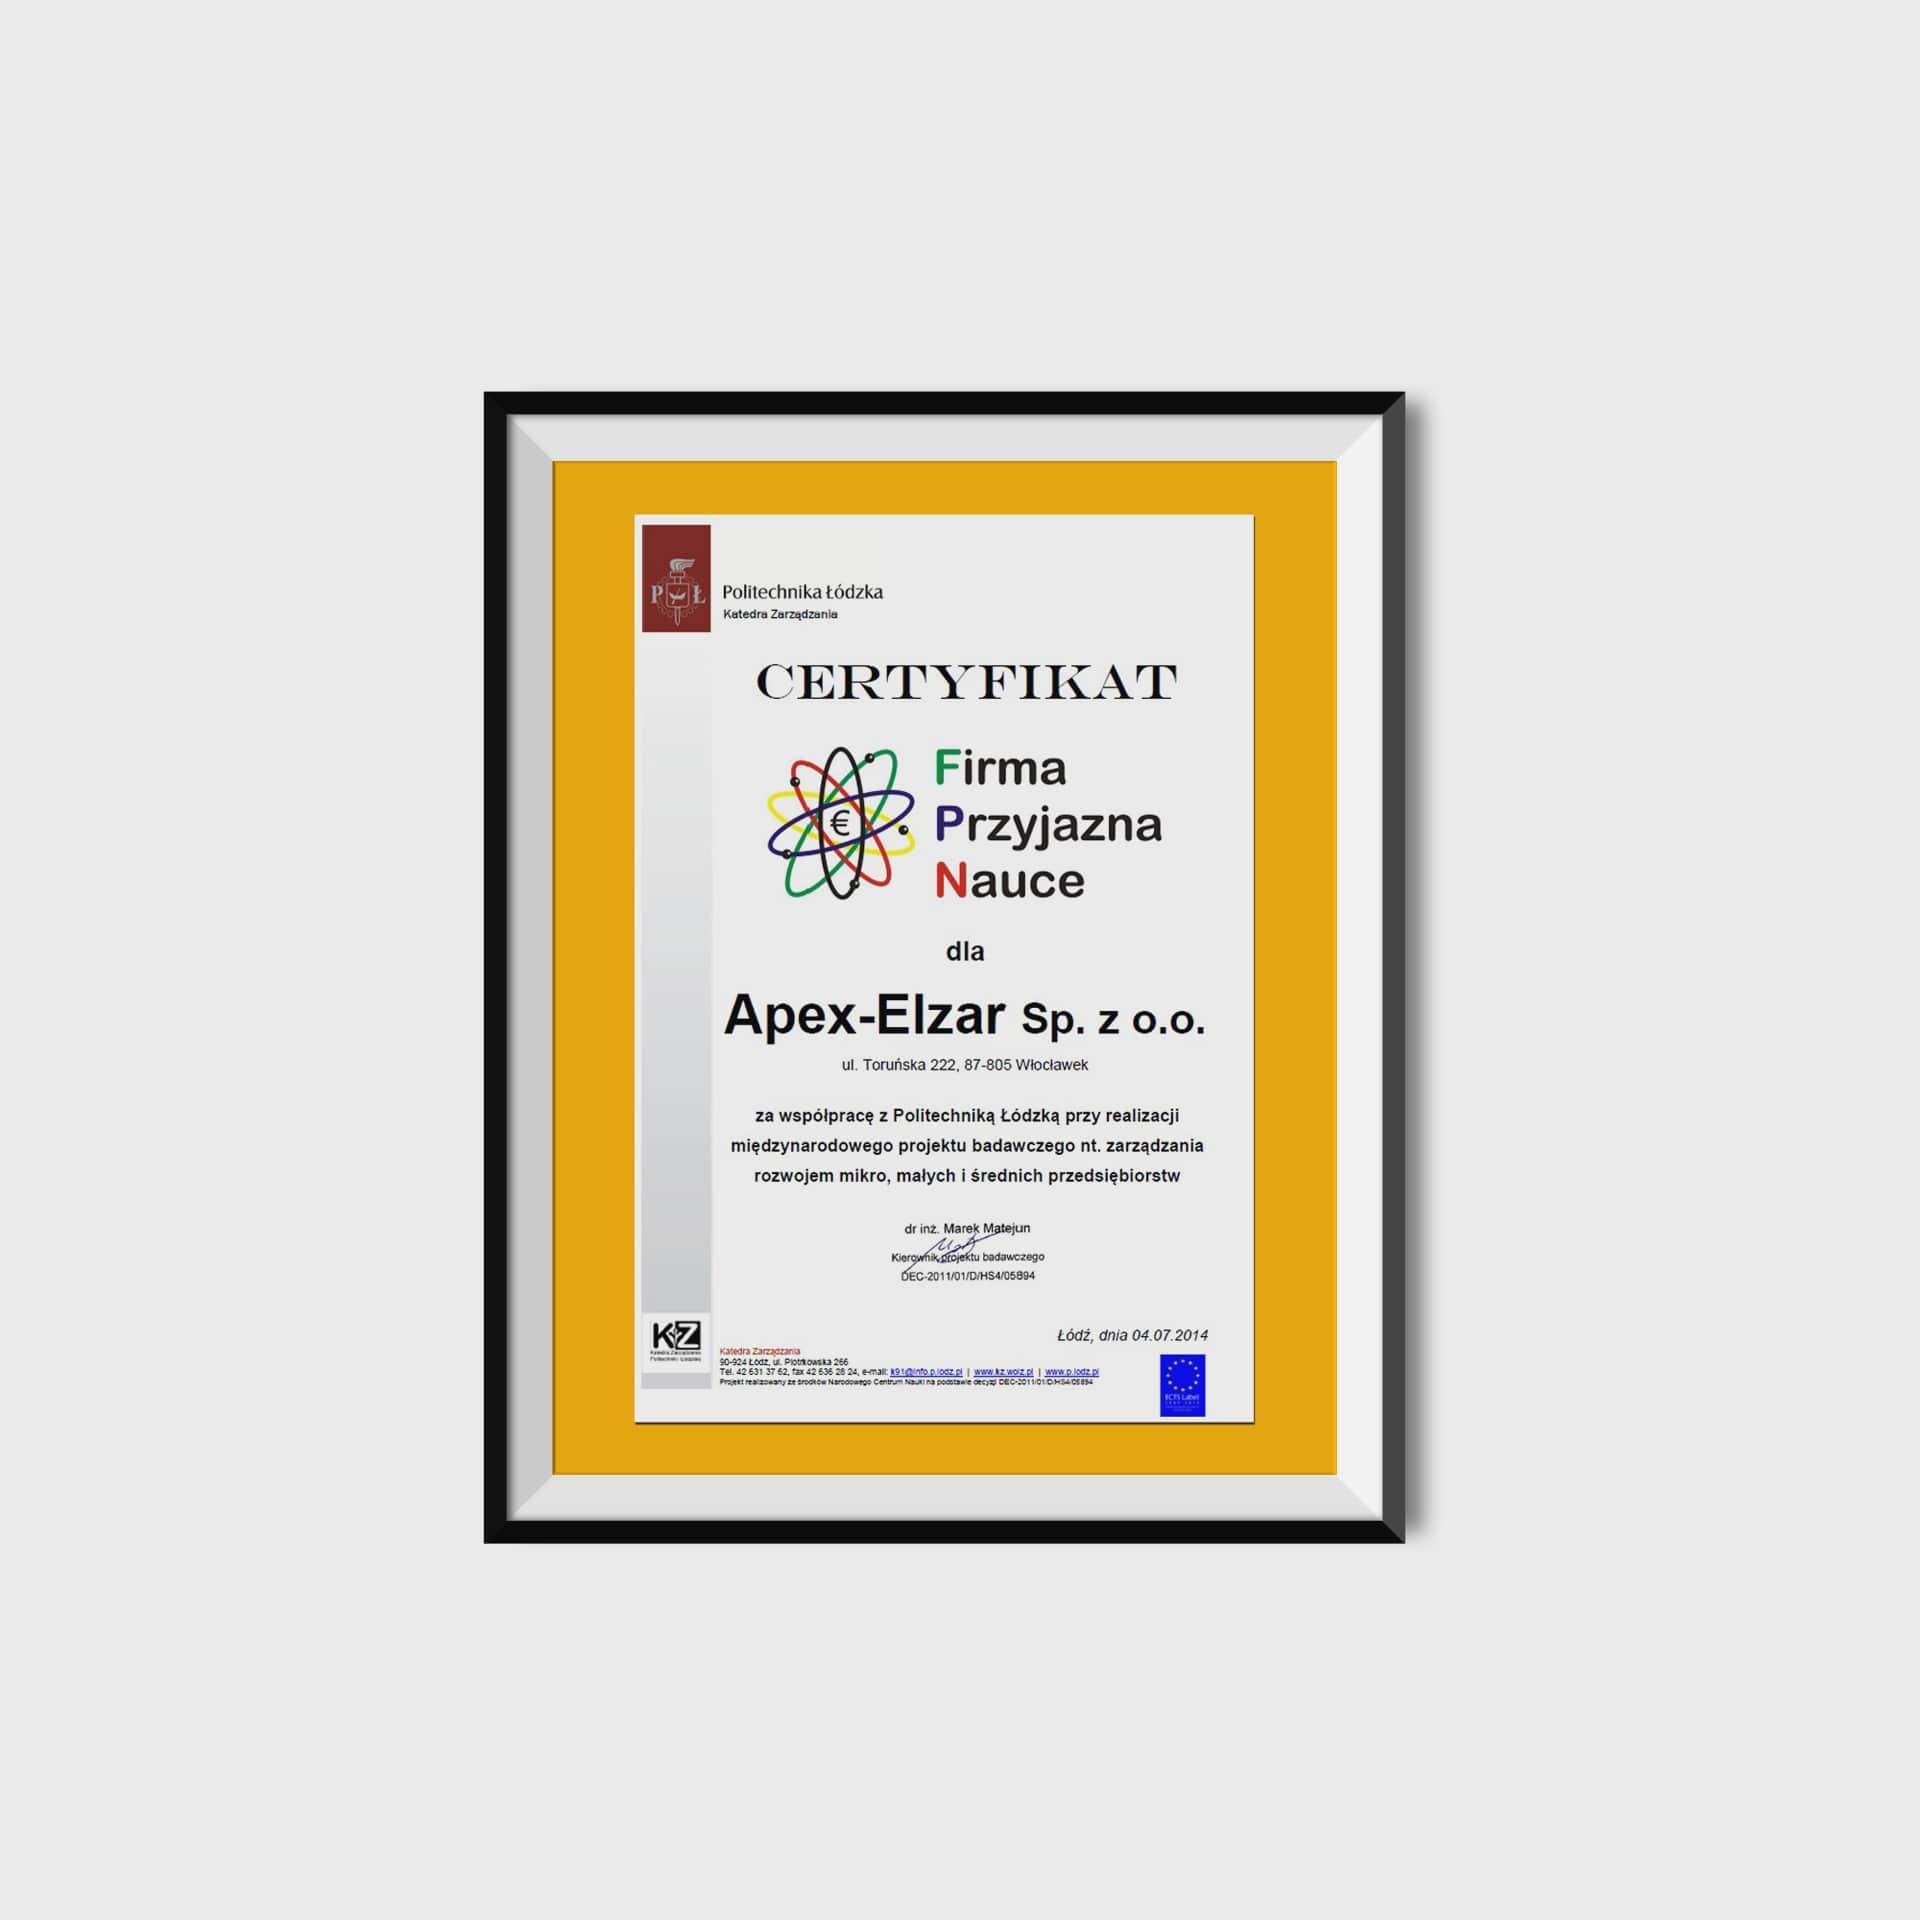 Certyfikat Firma Przyjazna Nauce<br/>04.07.2014